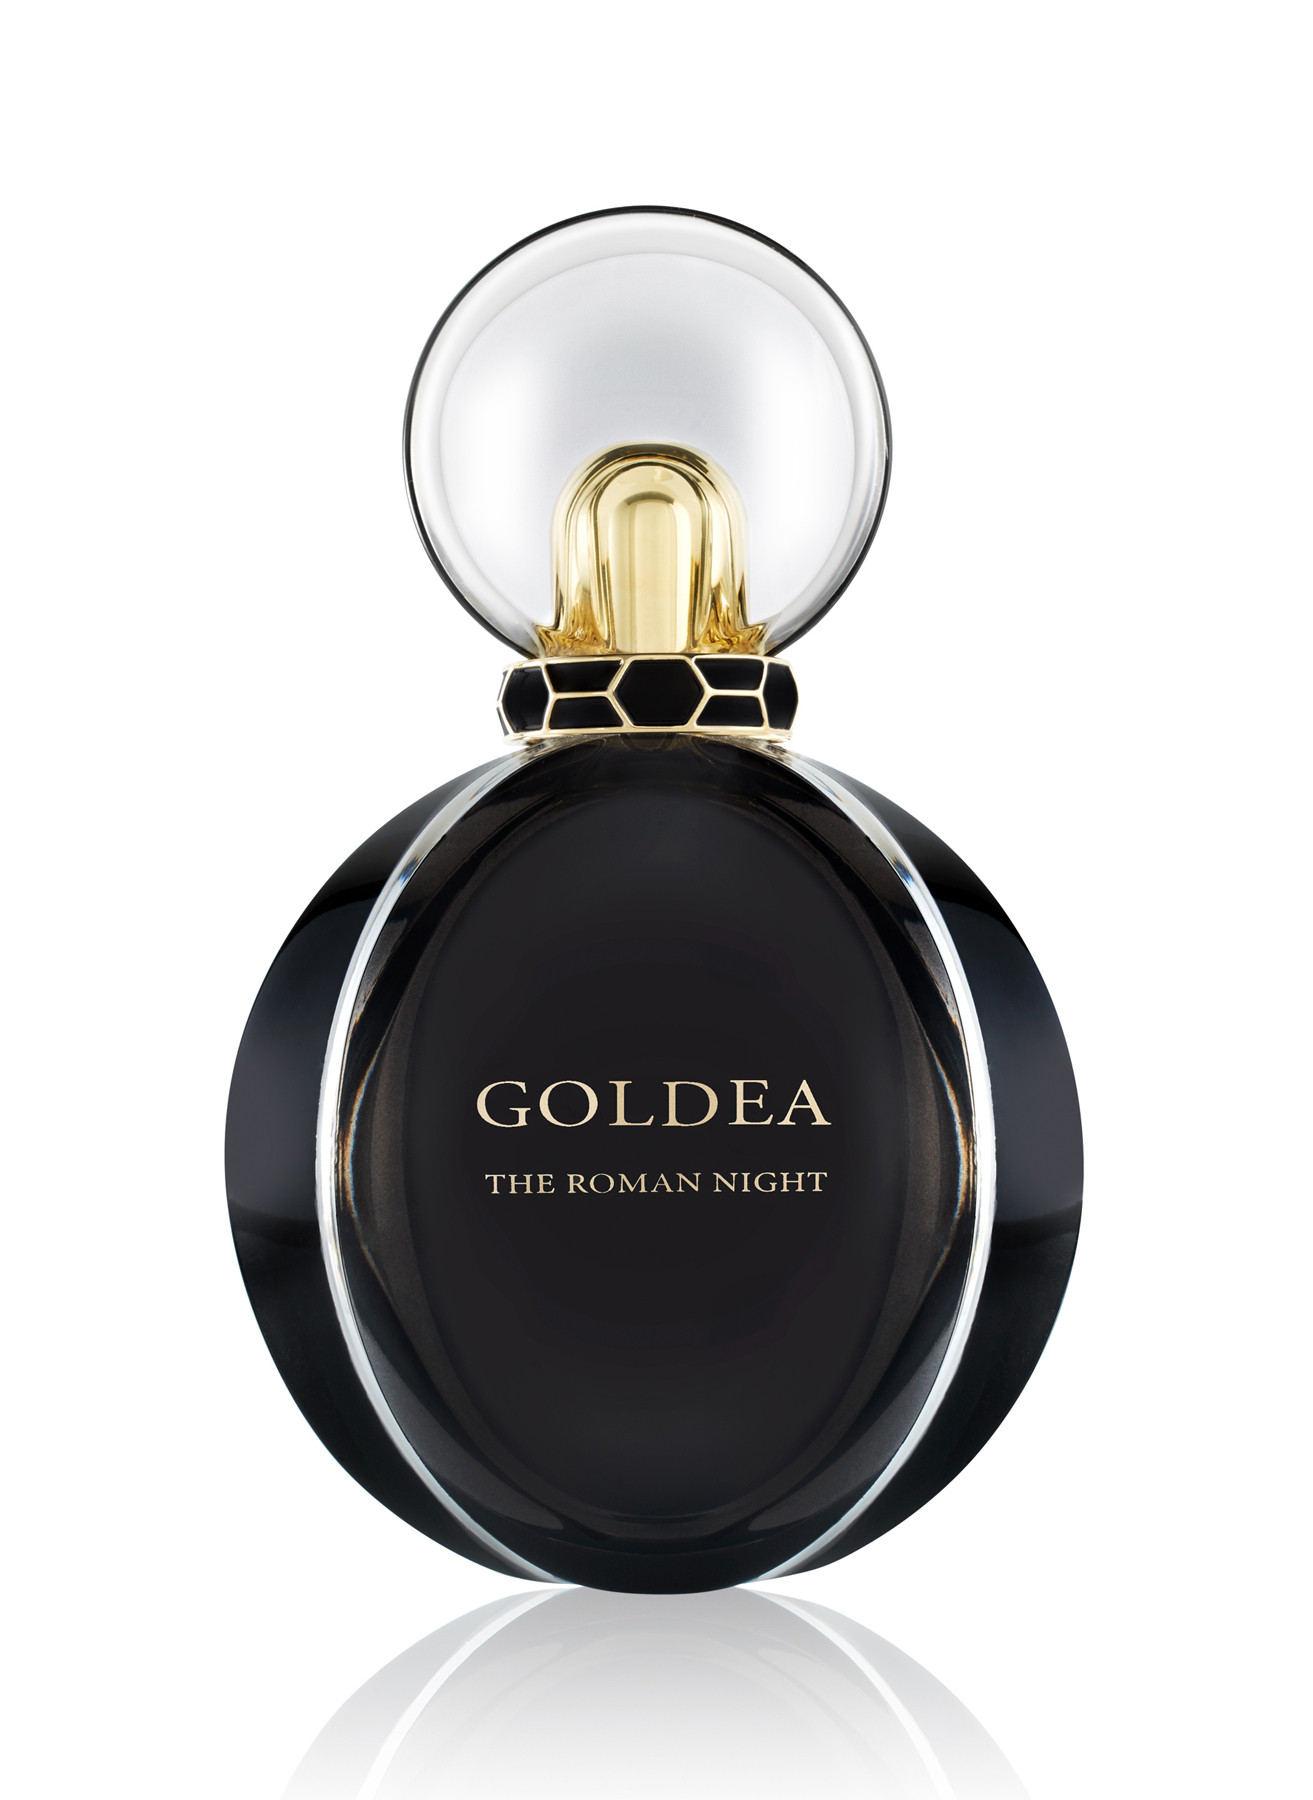 Bvlgari Goldea The Roman Night Edp 50 ml Kadın Parfüm 5000176887001 Ürün Resmi